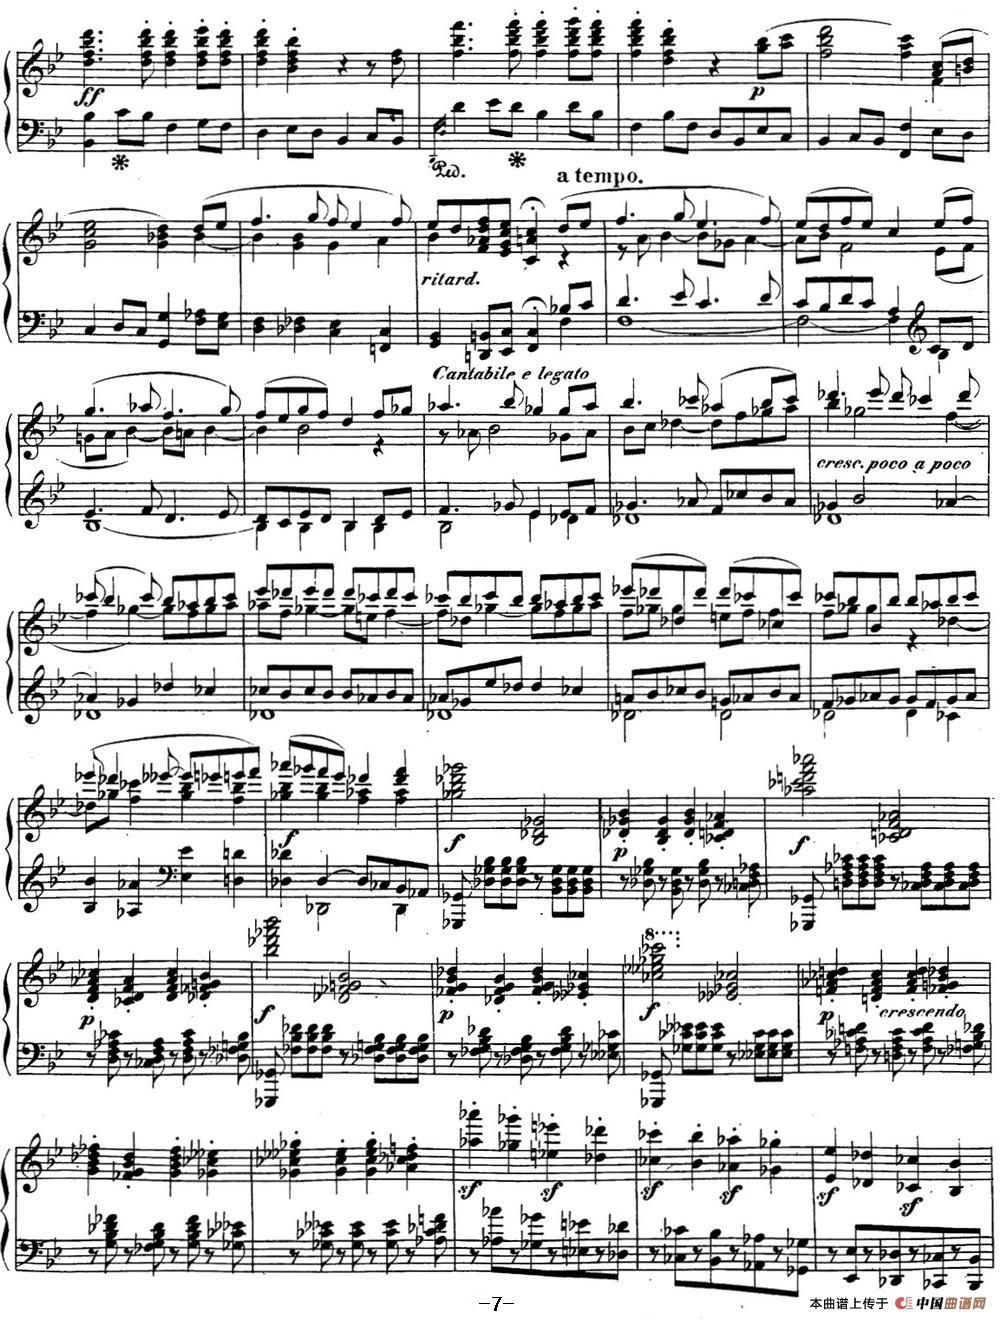 贝多芬钢琴奏鸣曲29 钢琴(锥子键琴)降B大调 Op.106 B-flat major(1)_原文件名:29 钢琴(锥子键琴)降B大调 Op106 B-flat major_页面_09.jpg